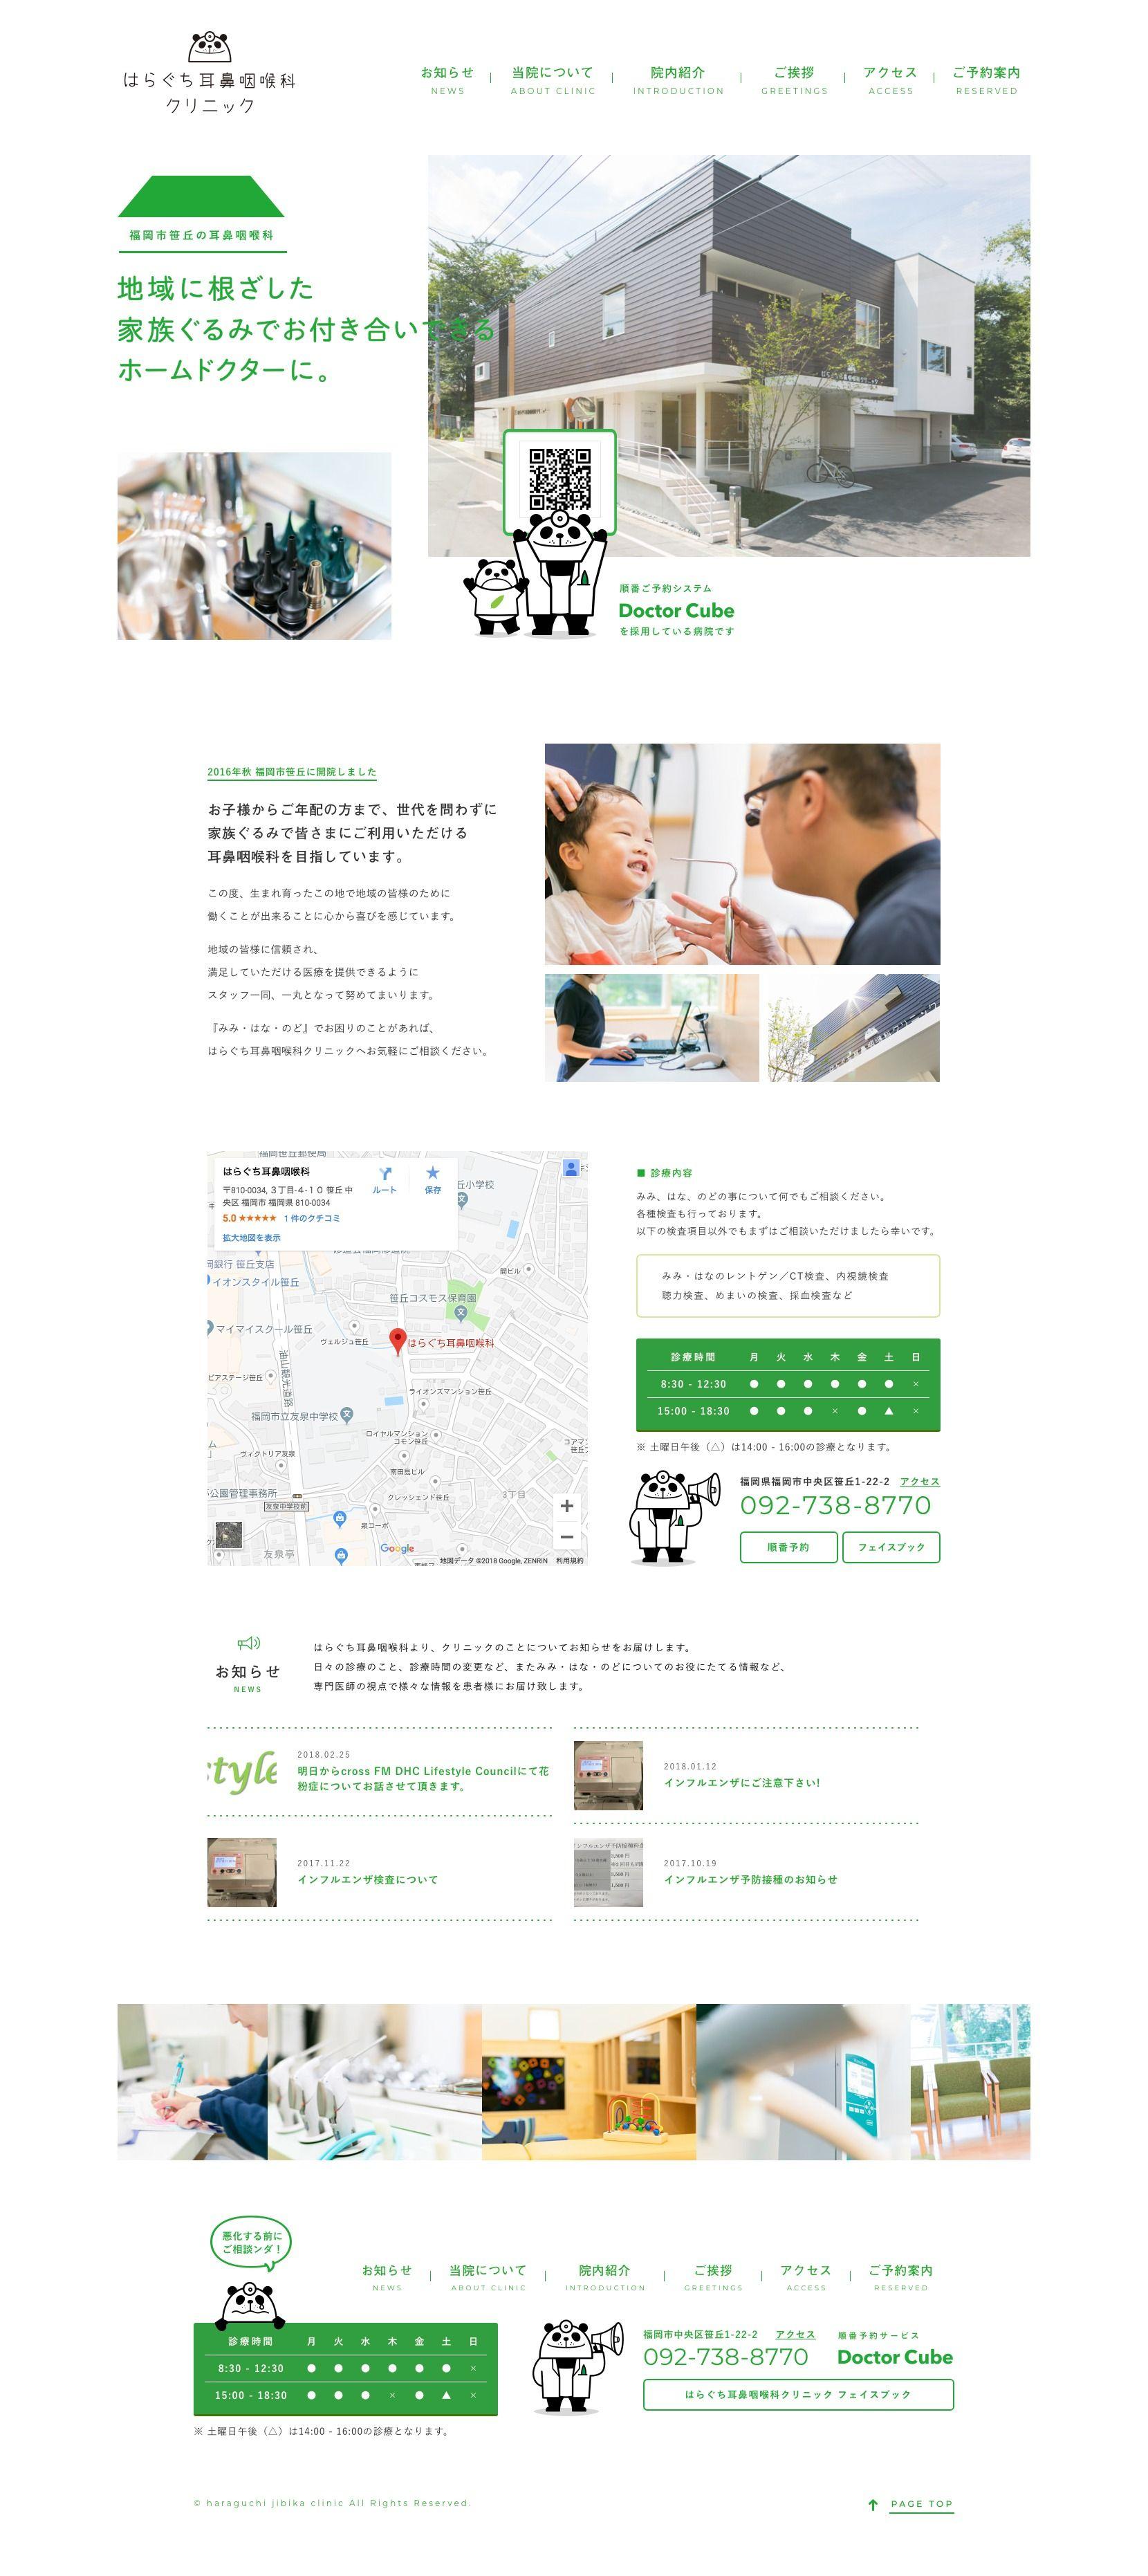 福岡市笹丘の耳鼻咽喉科 はらぐち耳鼻咽喉科クリニック 1guu 医療デザイン クリニックデザイン Lp デザイン